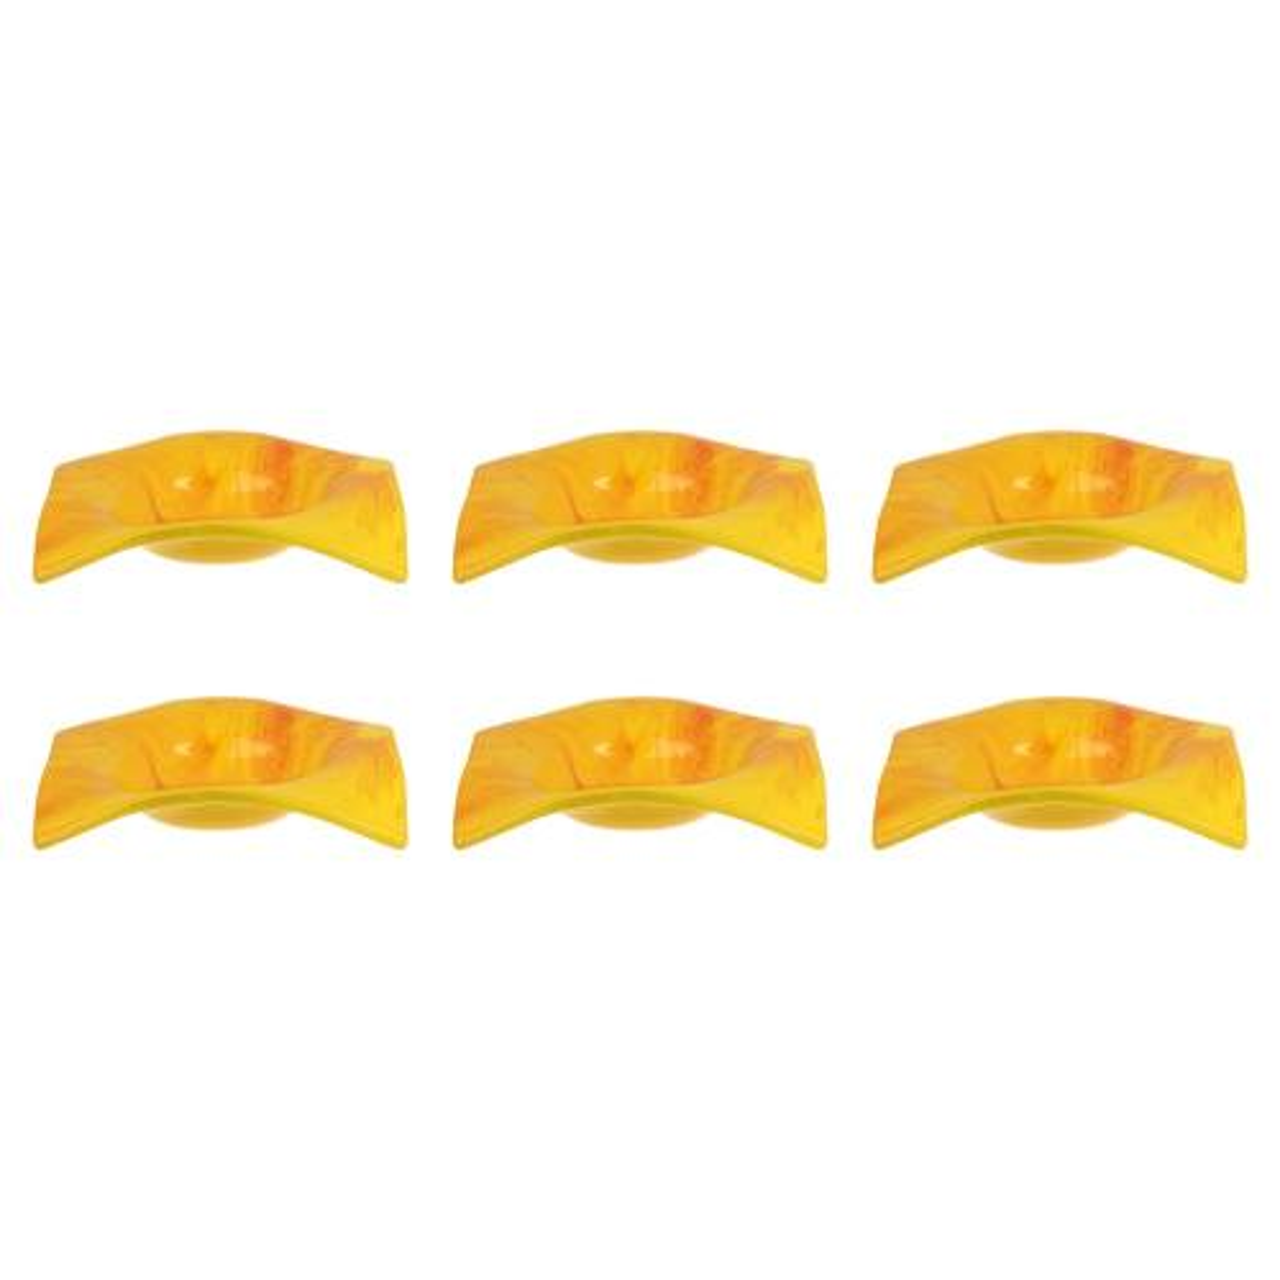 ظرف شیشه ای گالری آپادانا مدل مربعی مجموعه 6 عددی